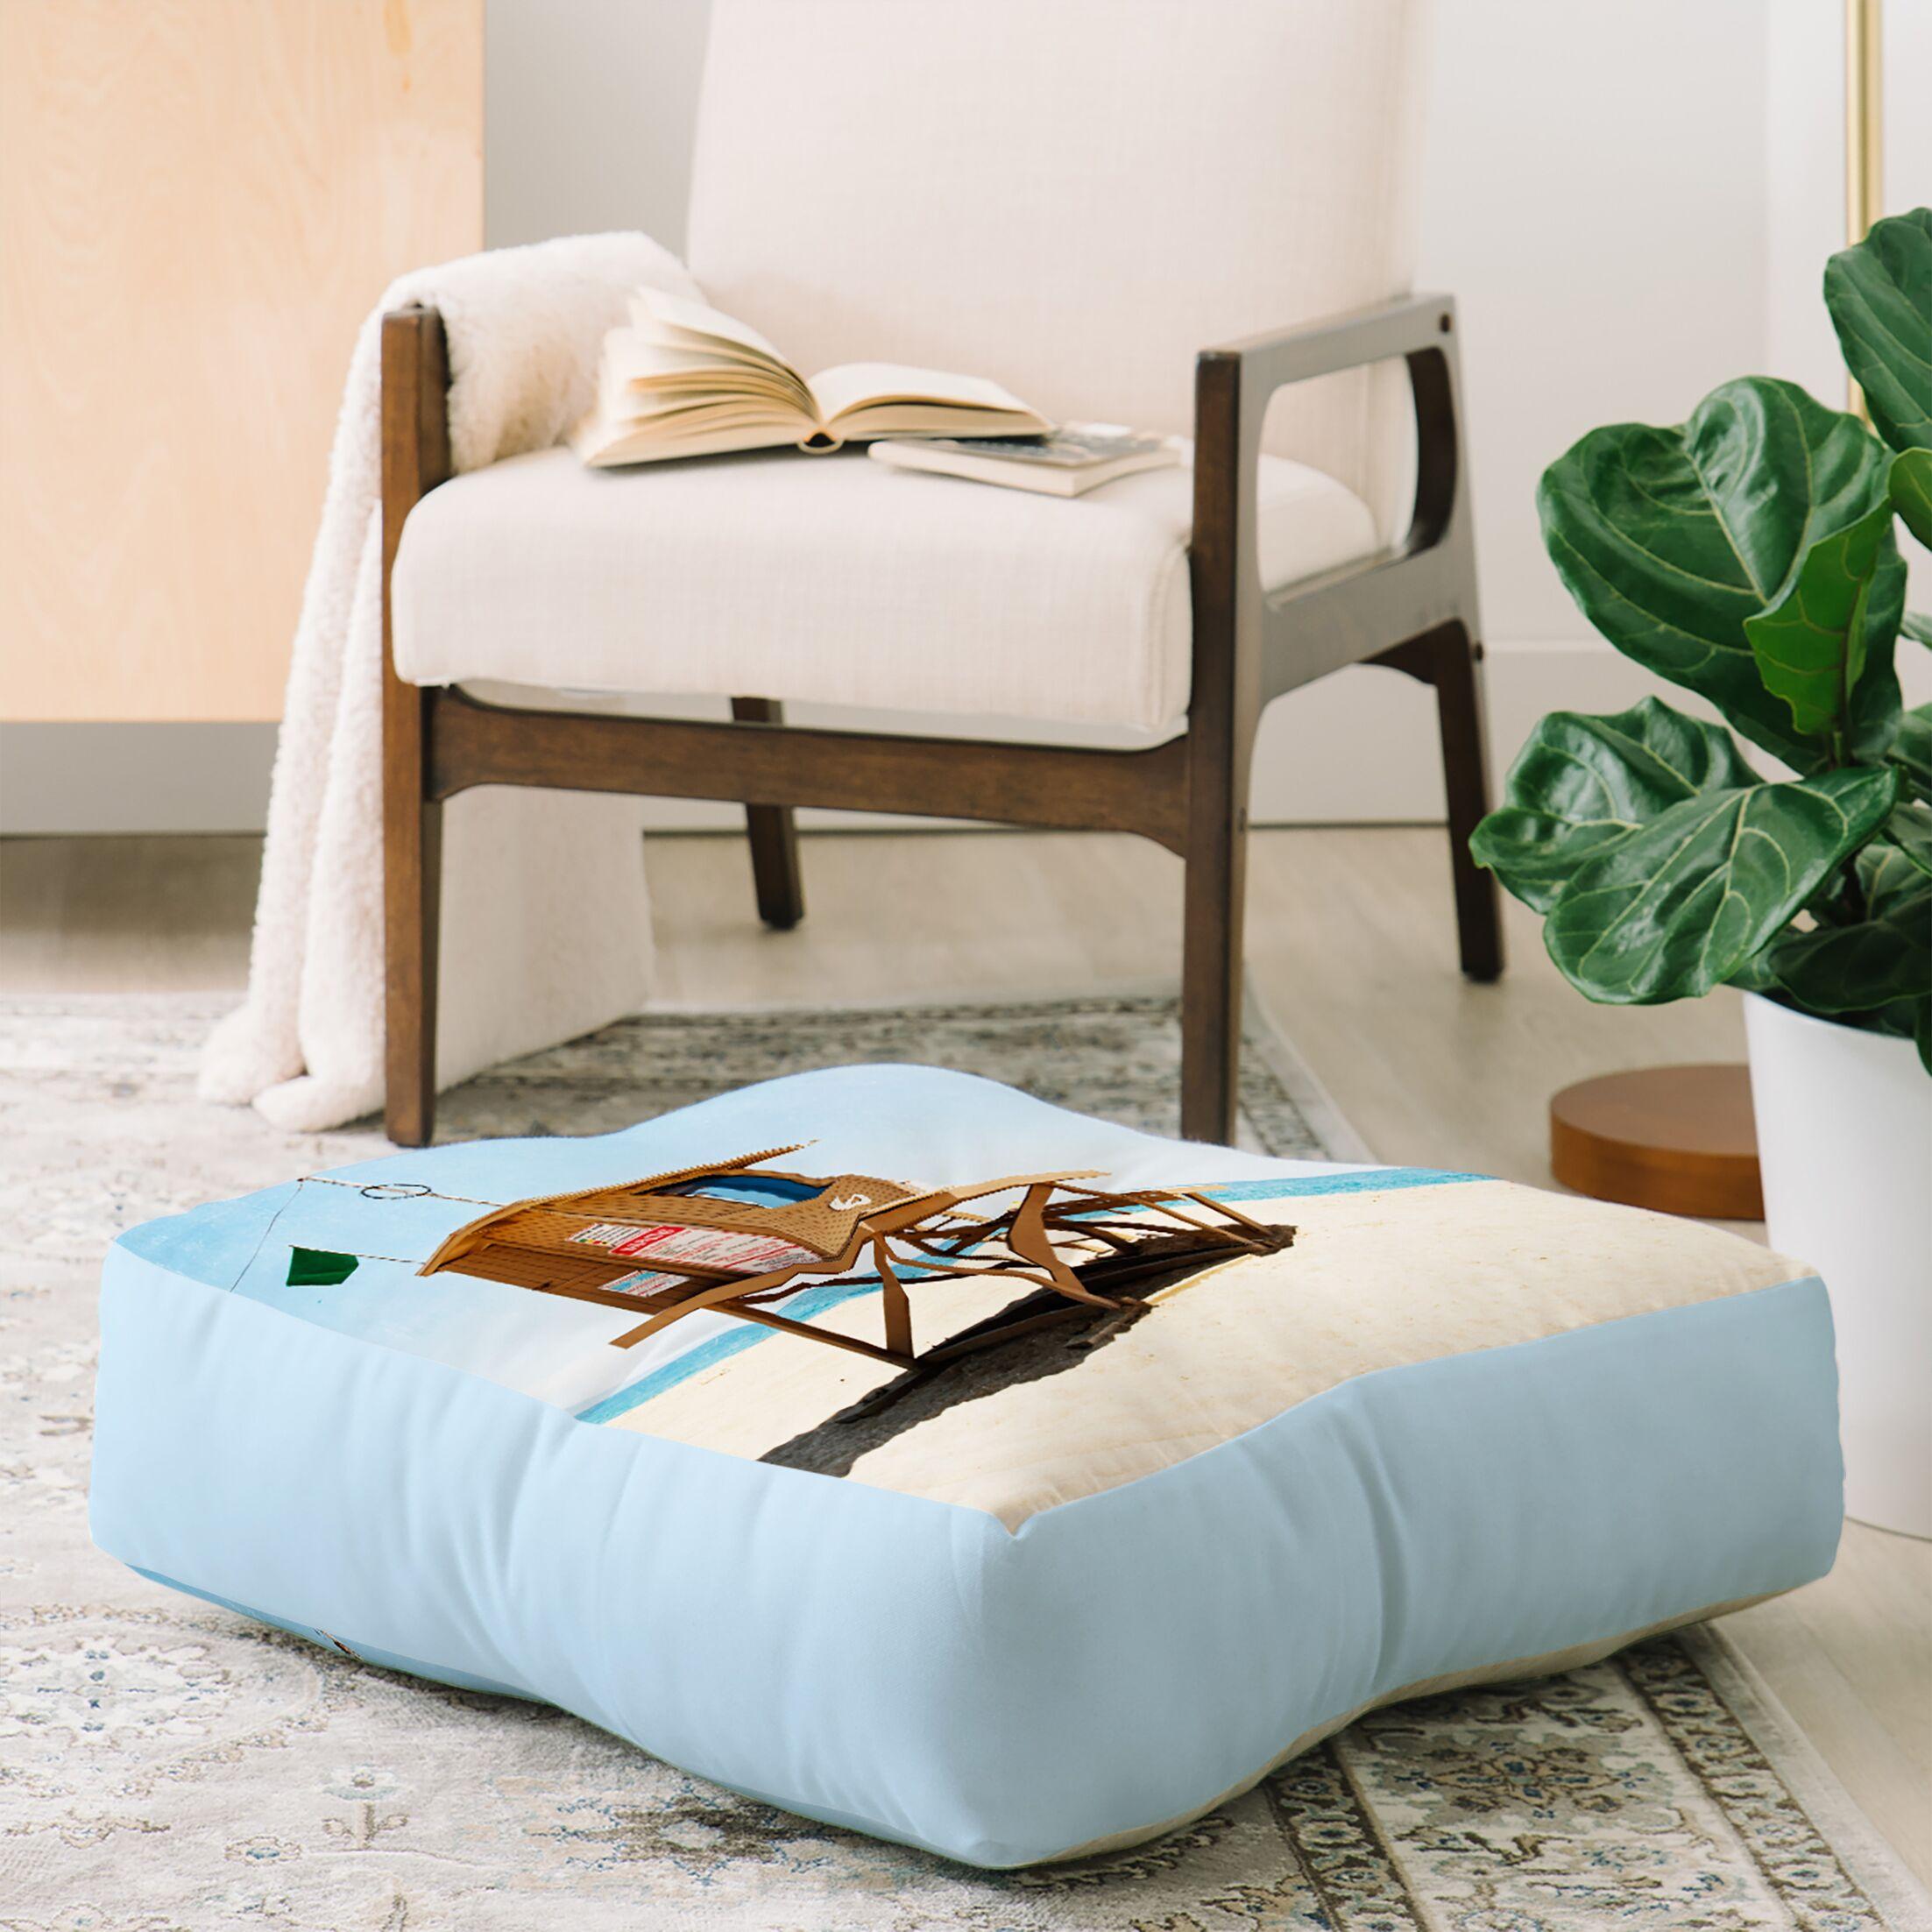 Bree Madden Newport Beach Floor Pillow